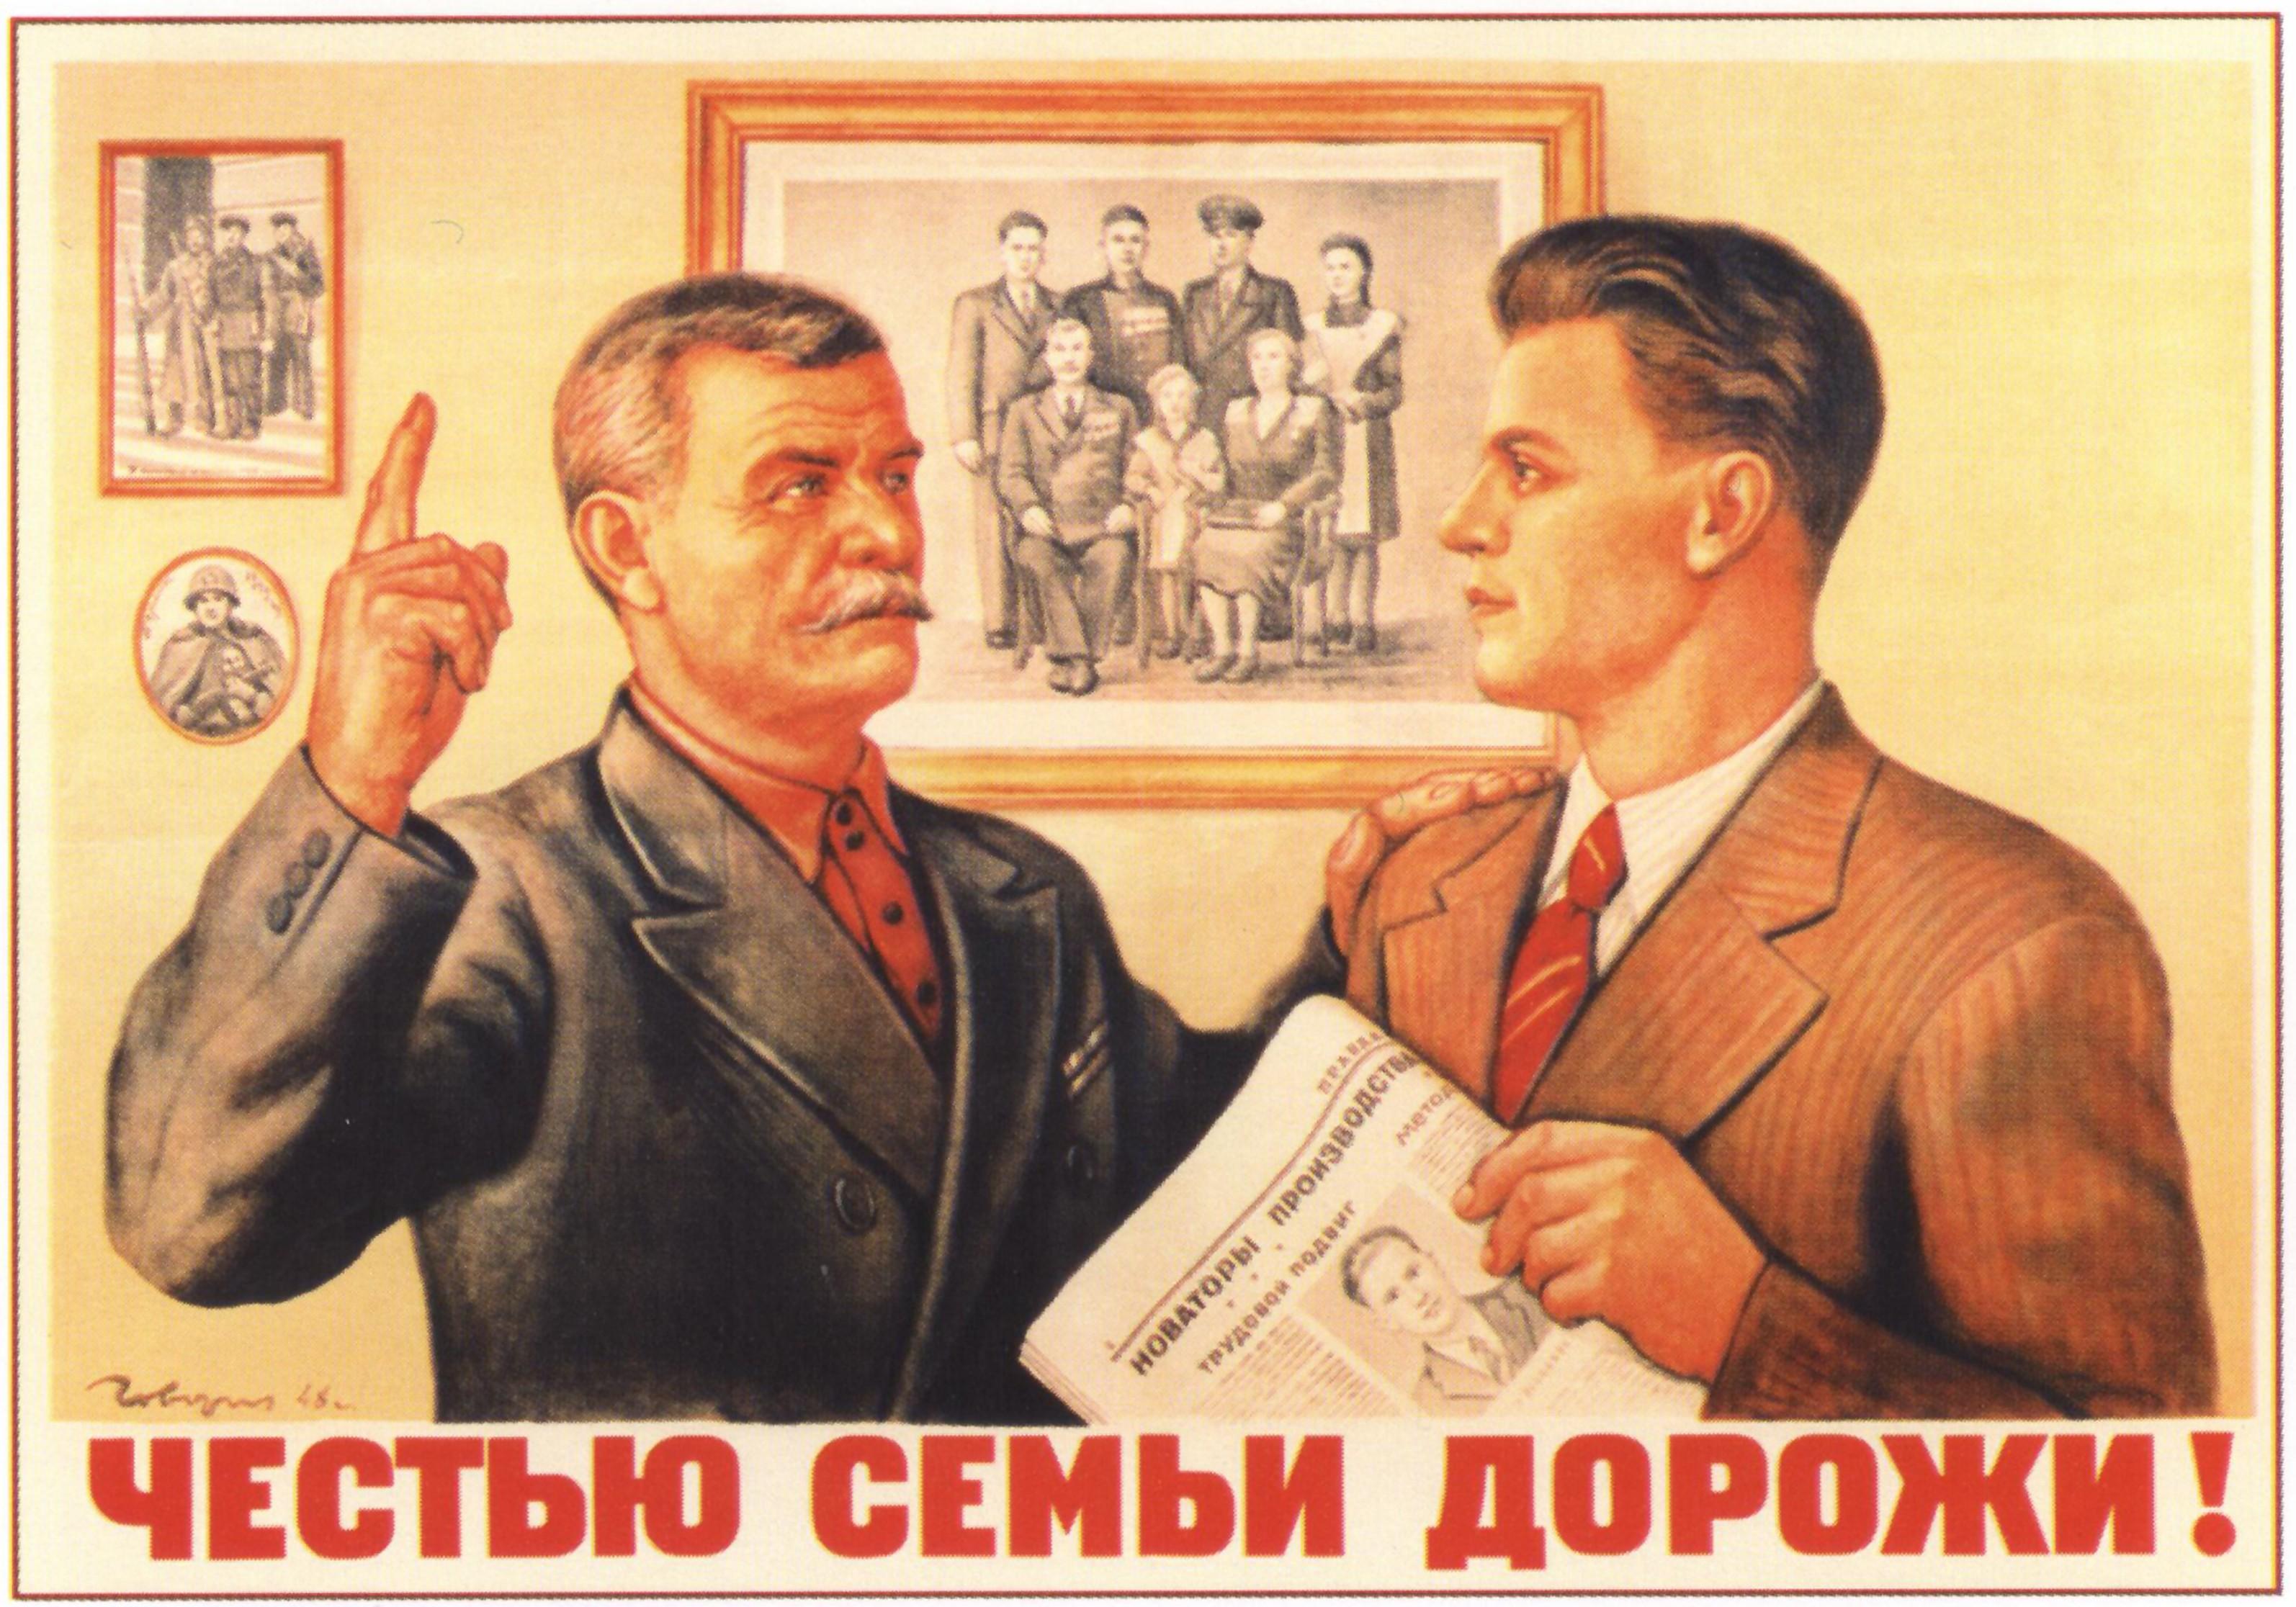 Честью семьи дорожи, ссср, плакат